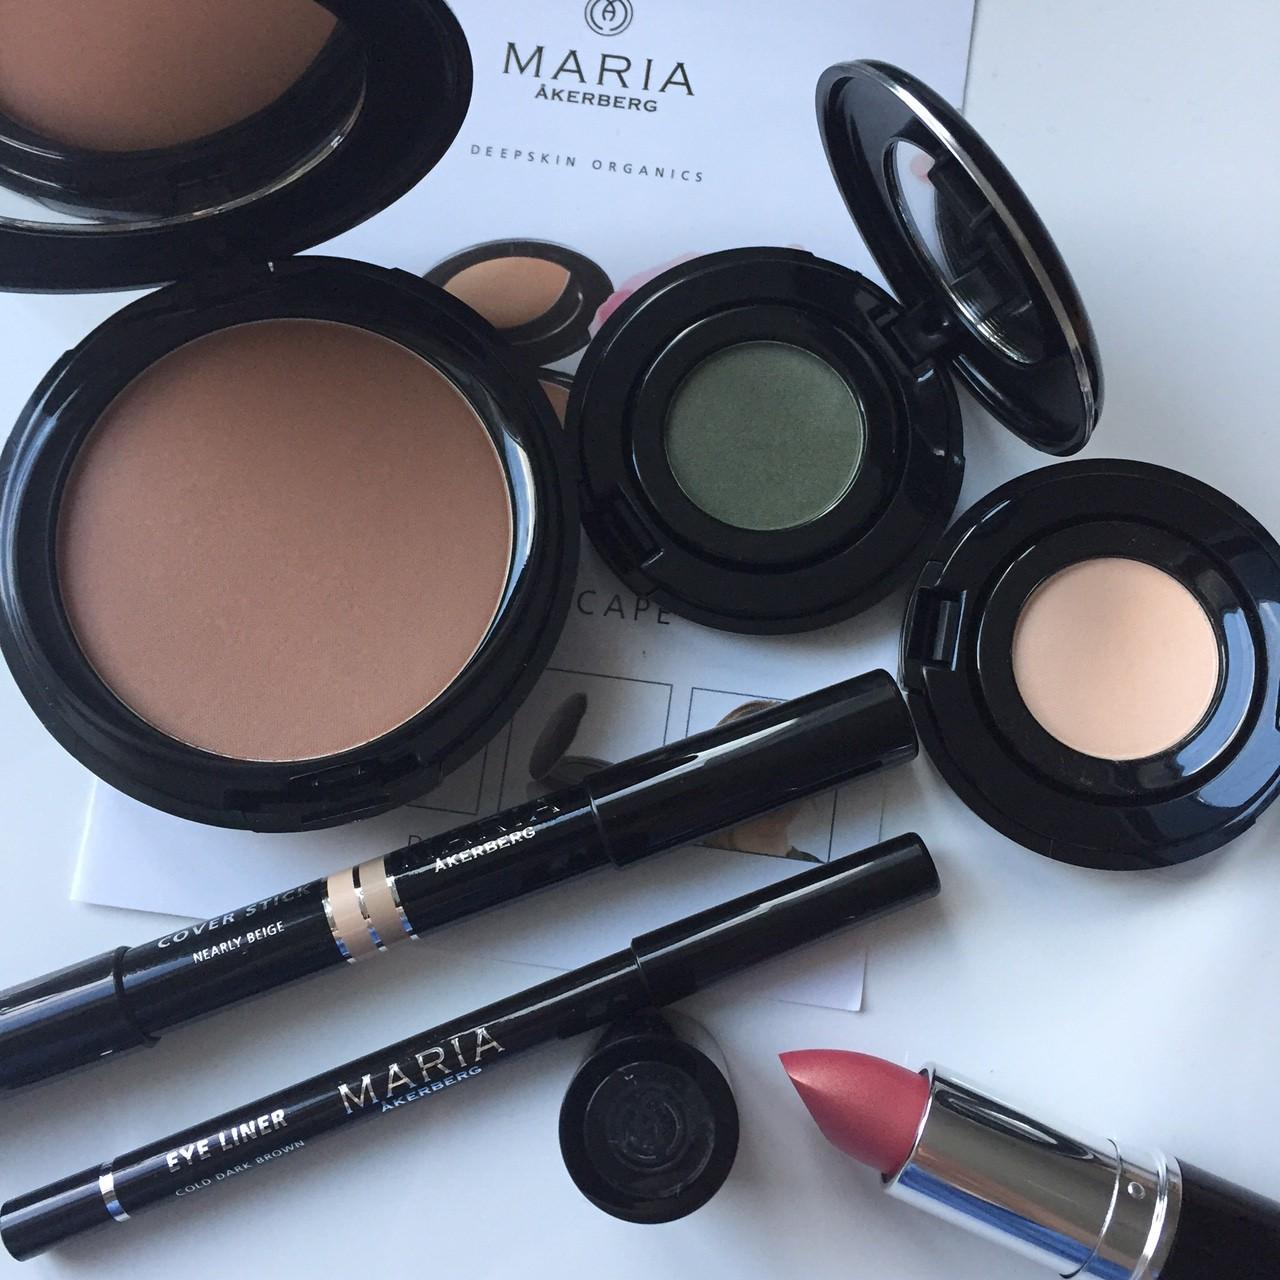 Maria Åkerberg makeup 2ab311d186de4